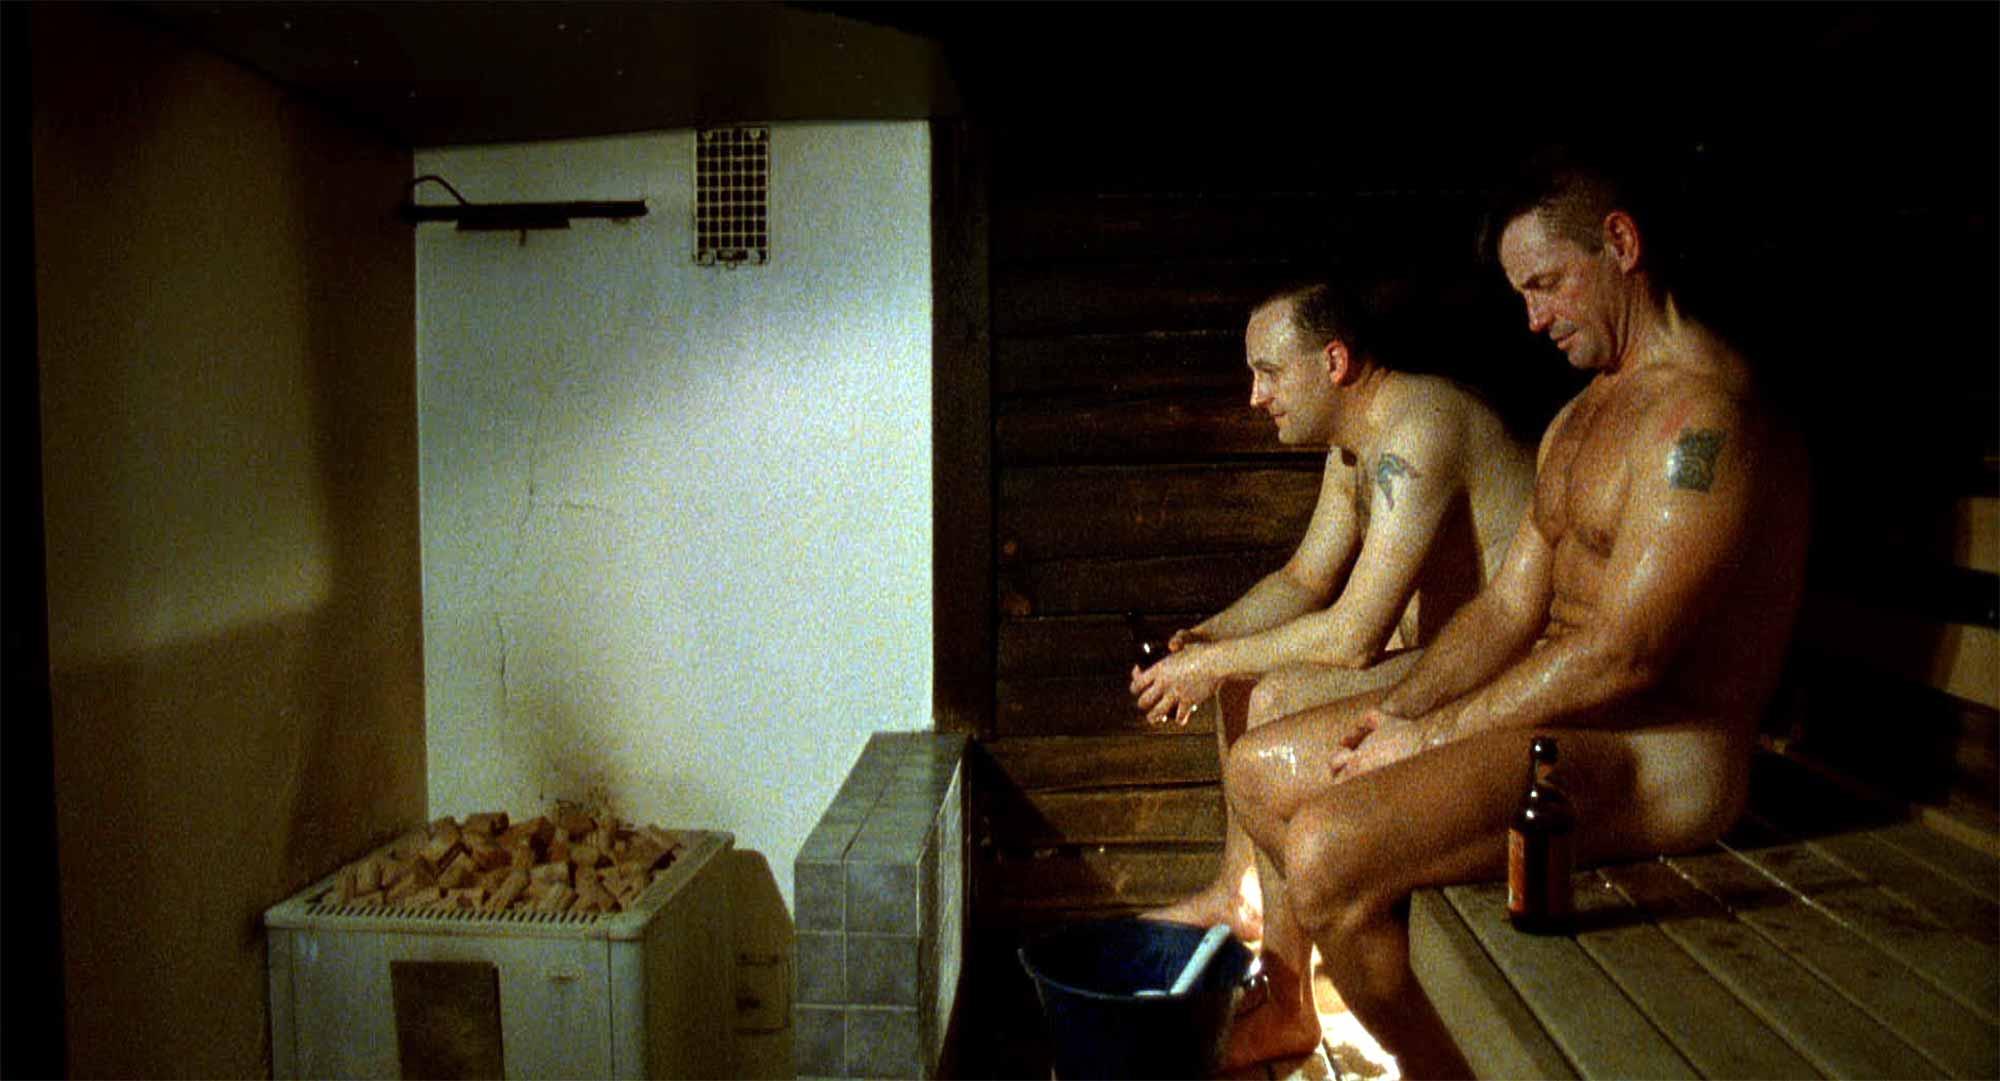 Was Männer sonst nicht zeigenFoto: Temperclayfilm